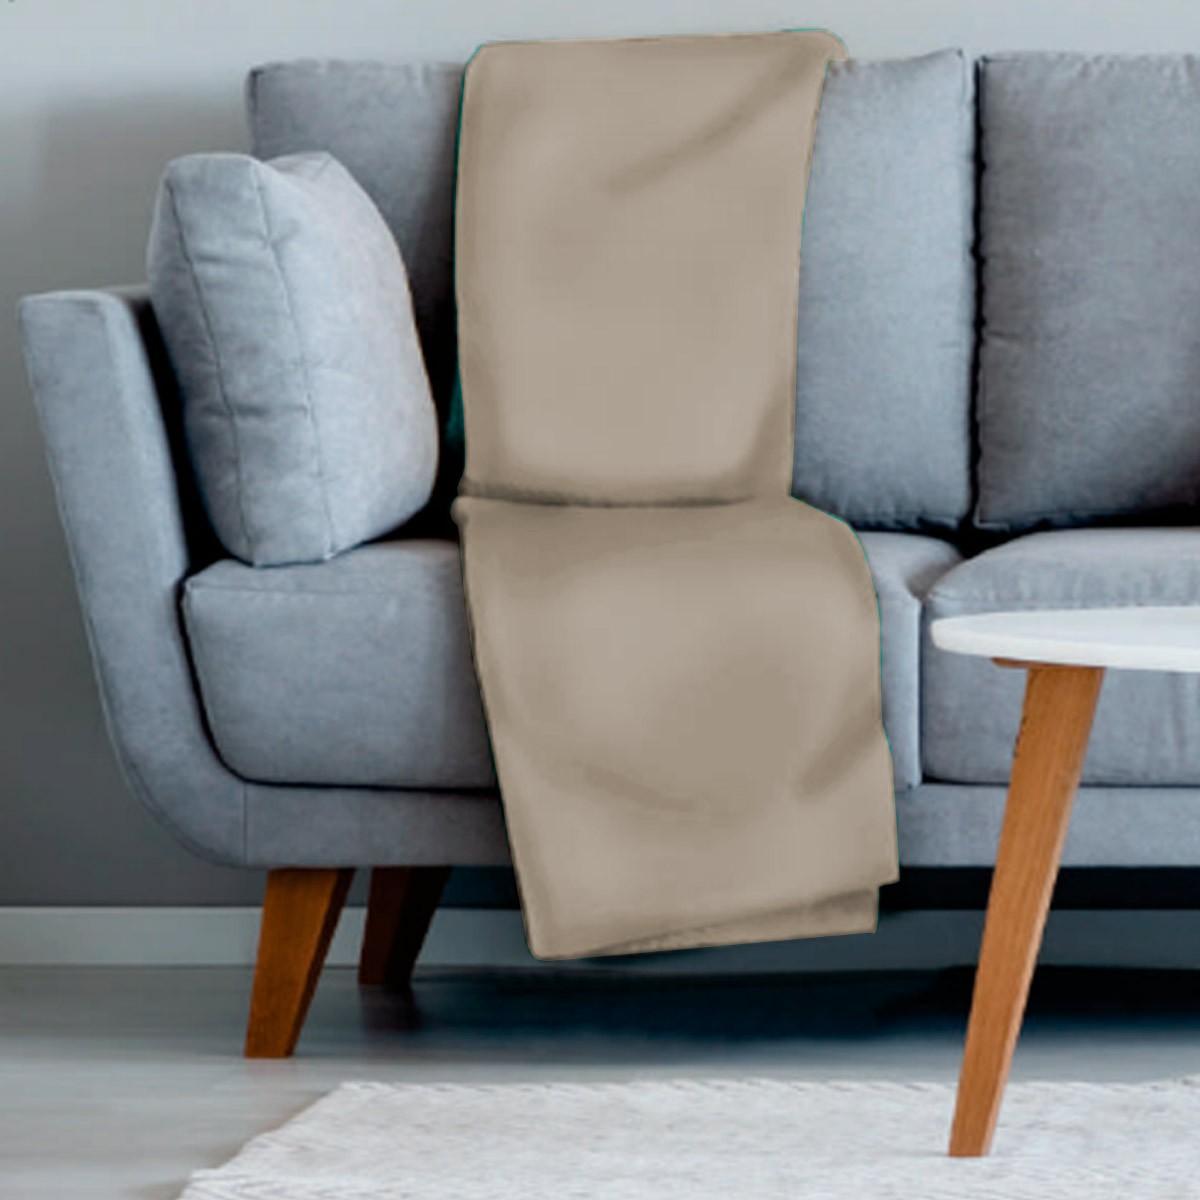 Manta sofa veludo 210x140 PALHA